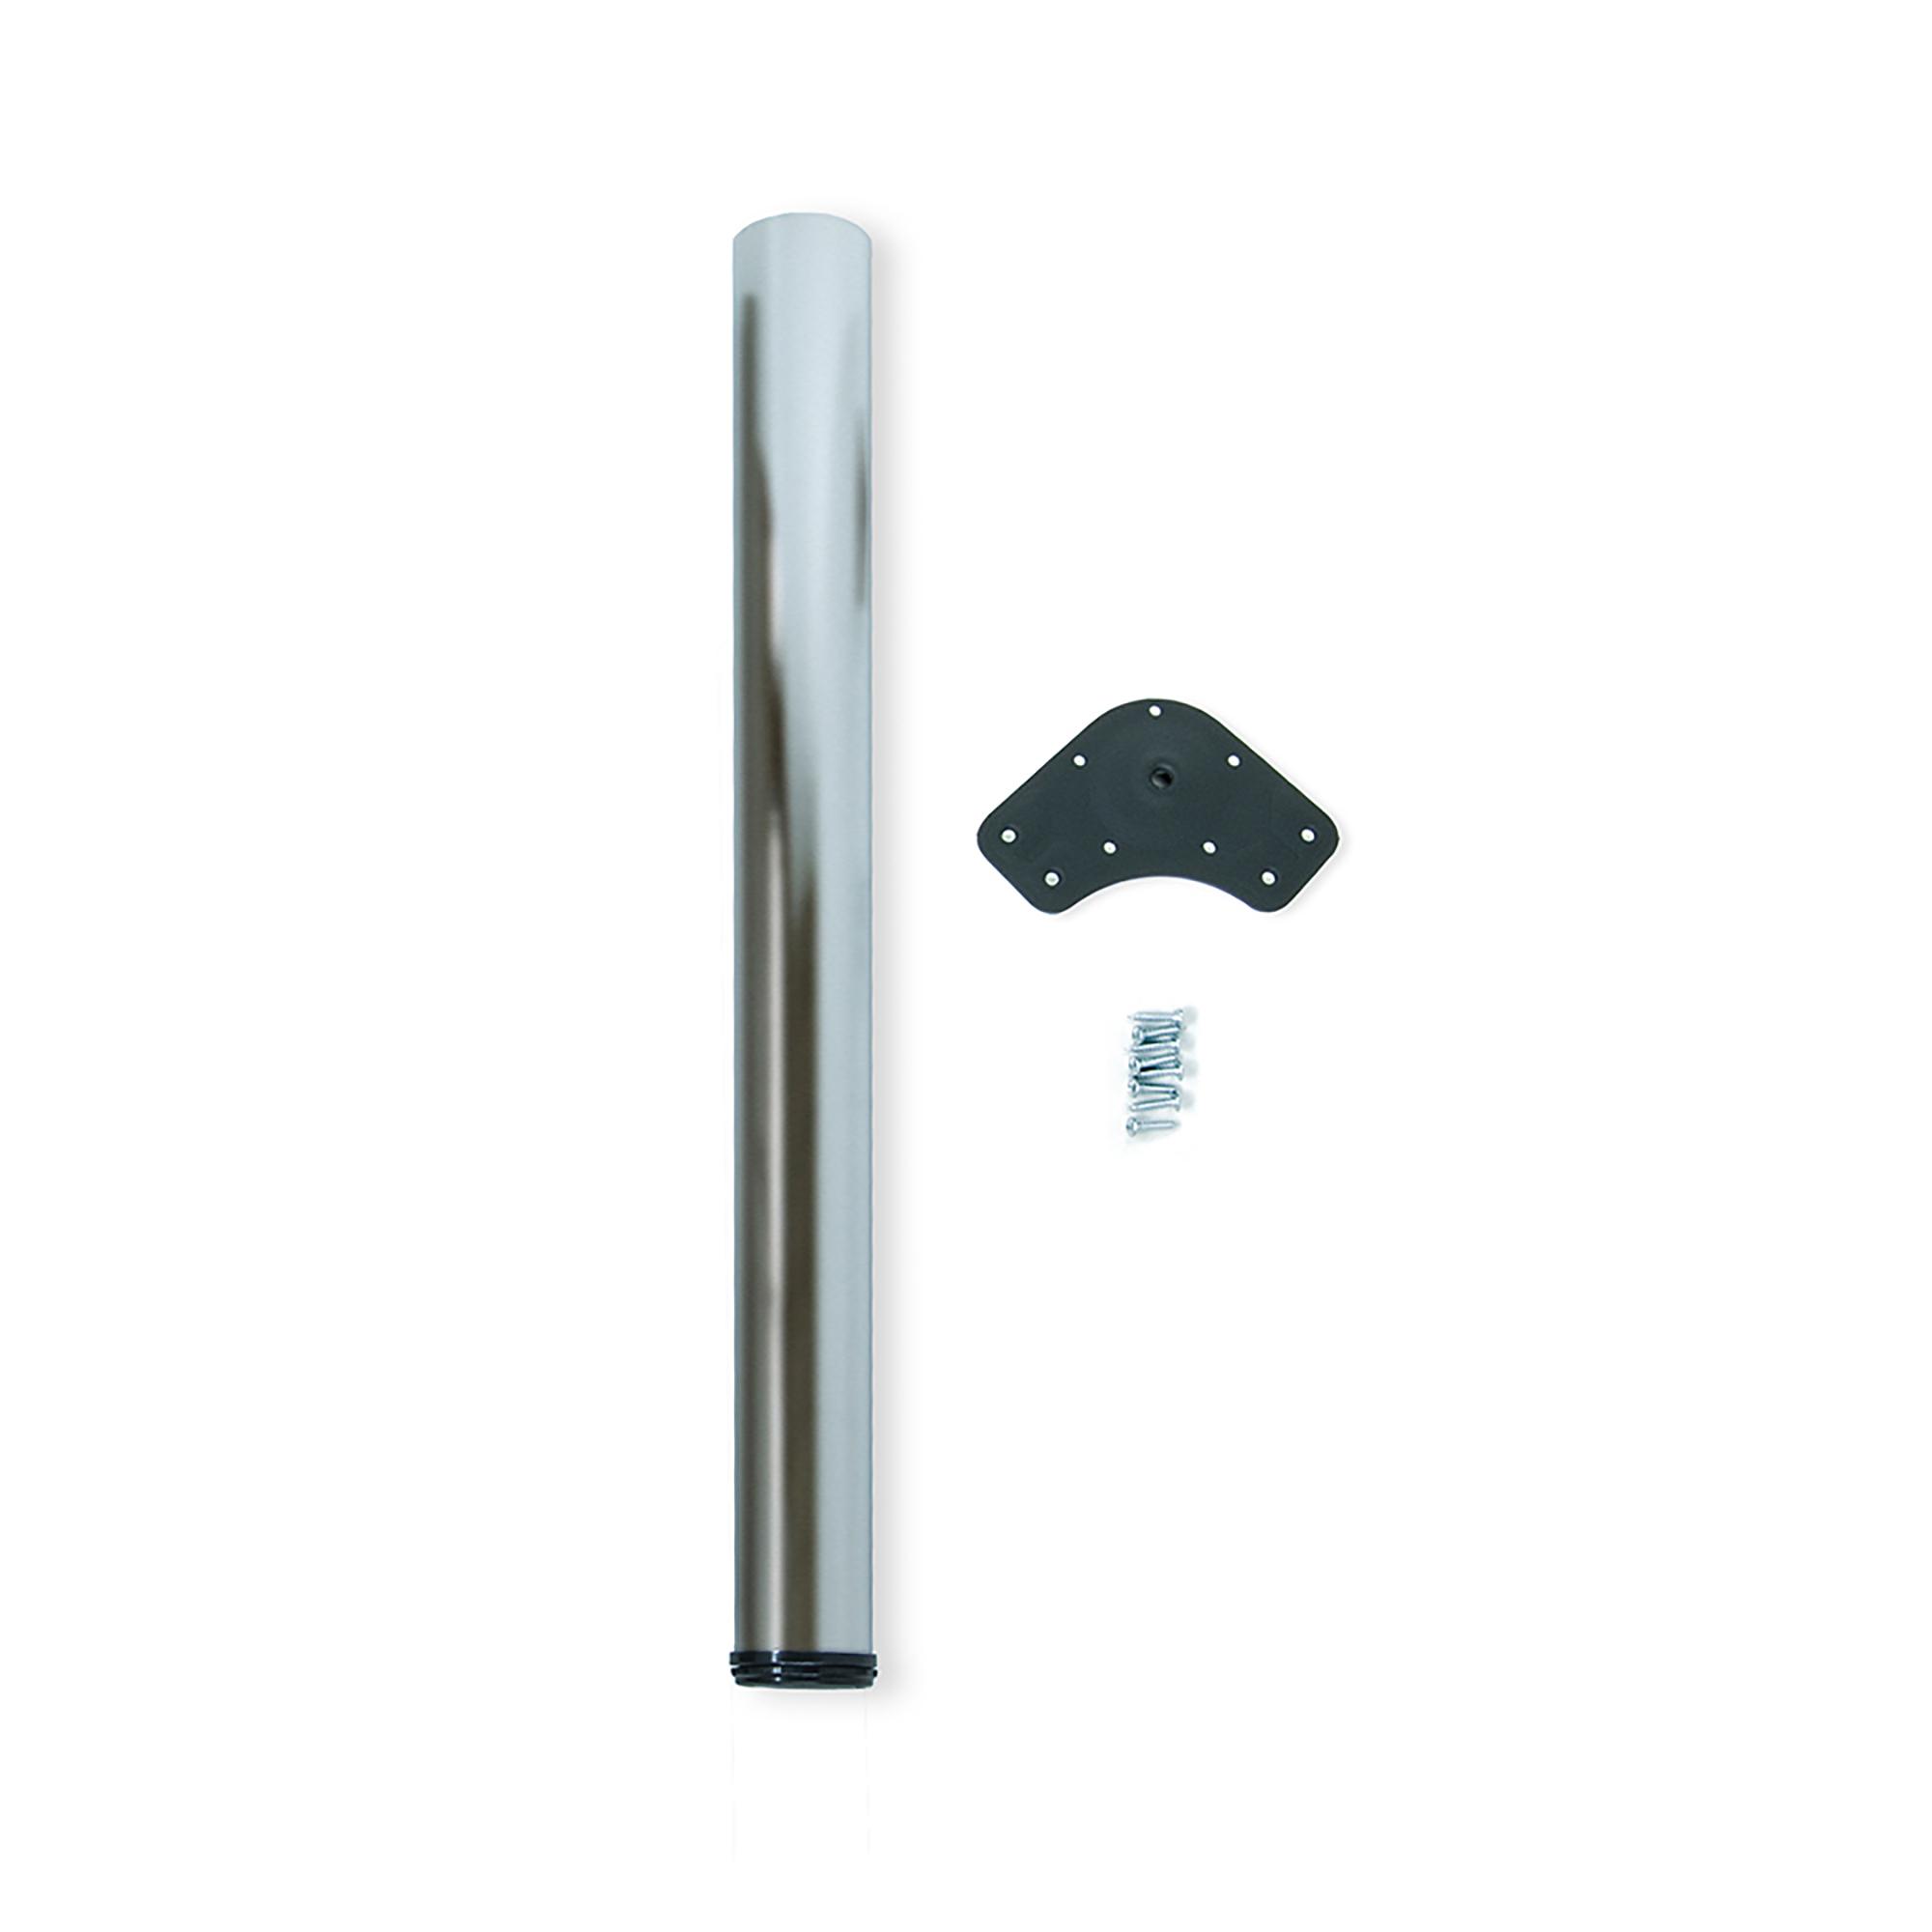 Emuca Gamba per tavolo, D. 80 mm, regolabile 710-740 mm, Acciaio, Nichel satinato